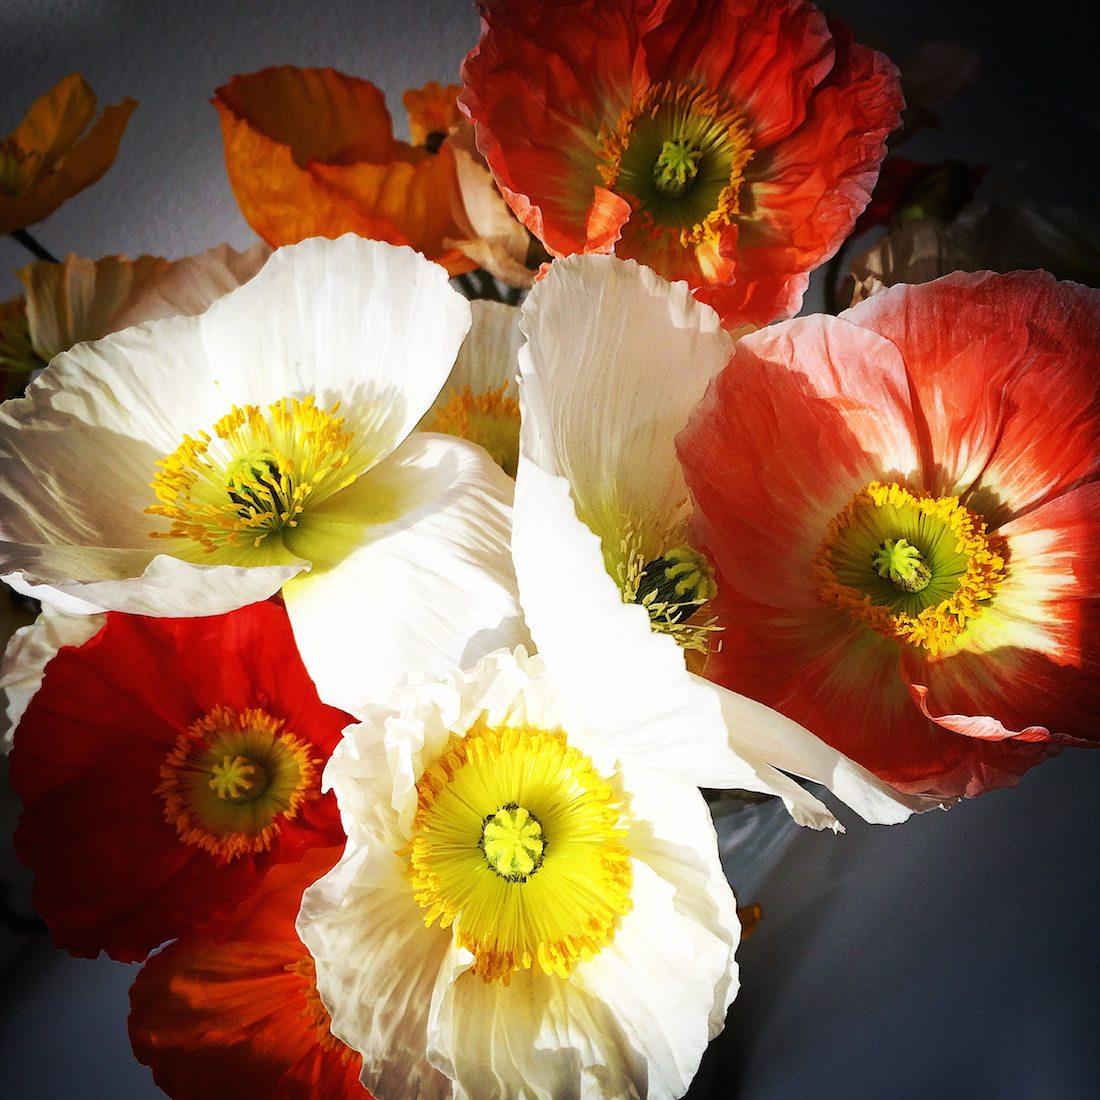 spring-poppies-voyager-boheme